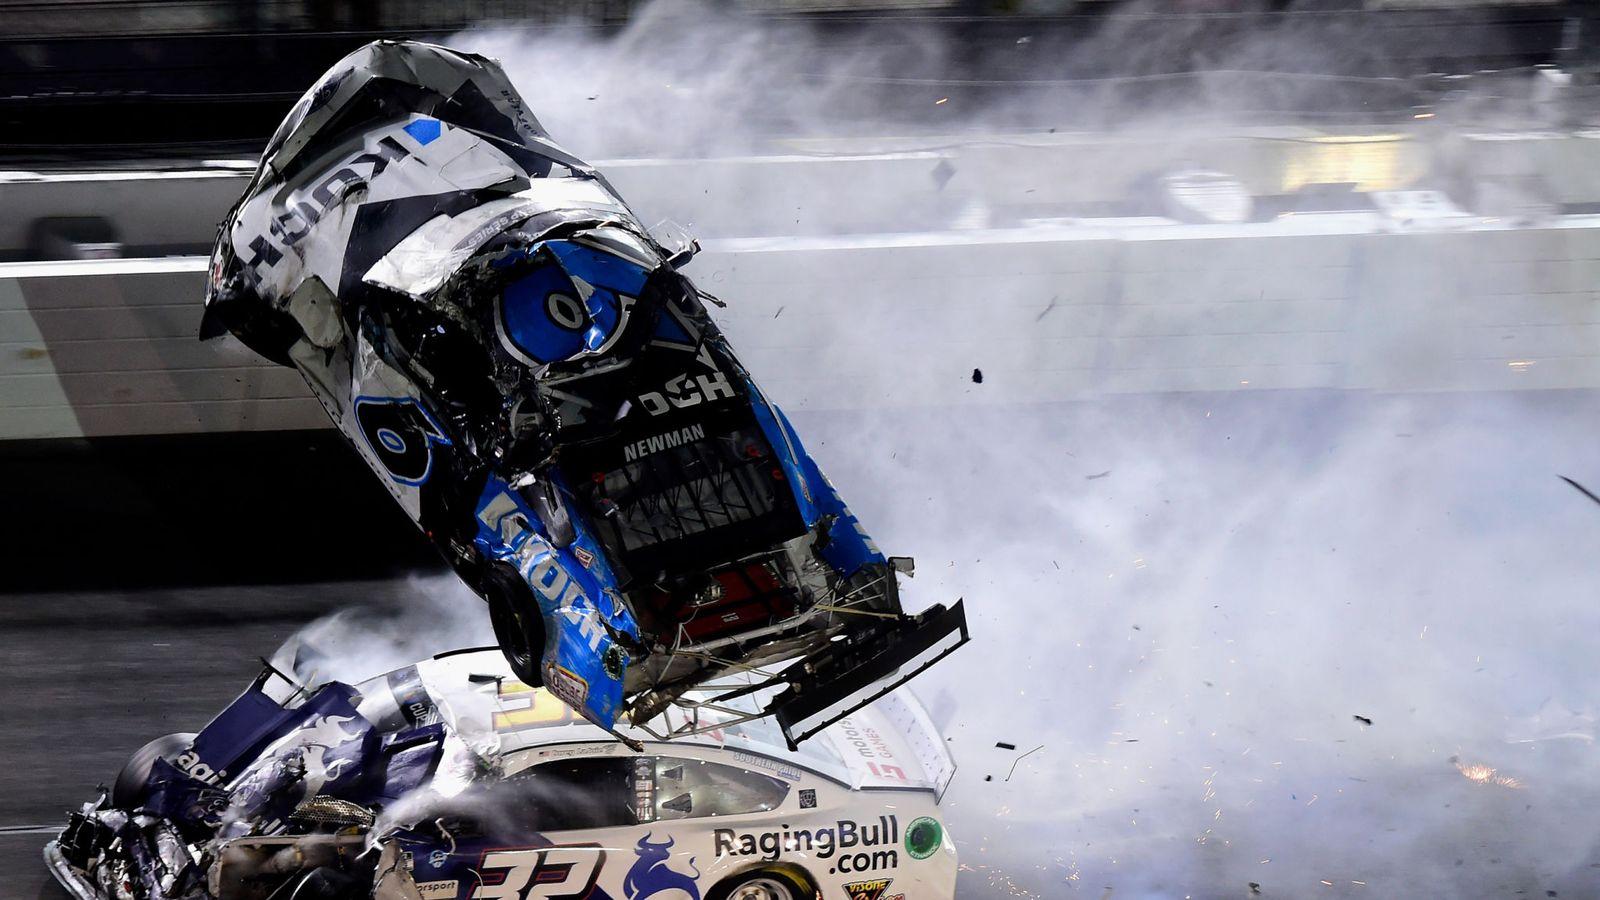 Foto/Video: Accident violent cu 300km/h în cursa de la Daytona 500, pilotul Ryan Newman în stare gravă la spital